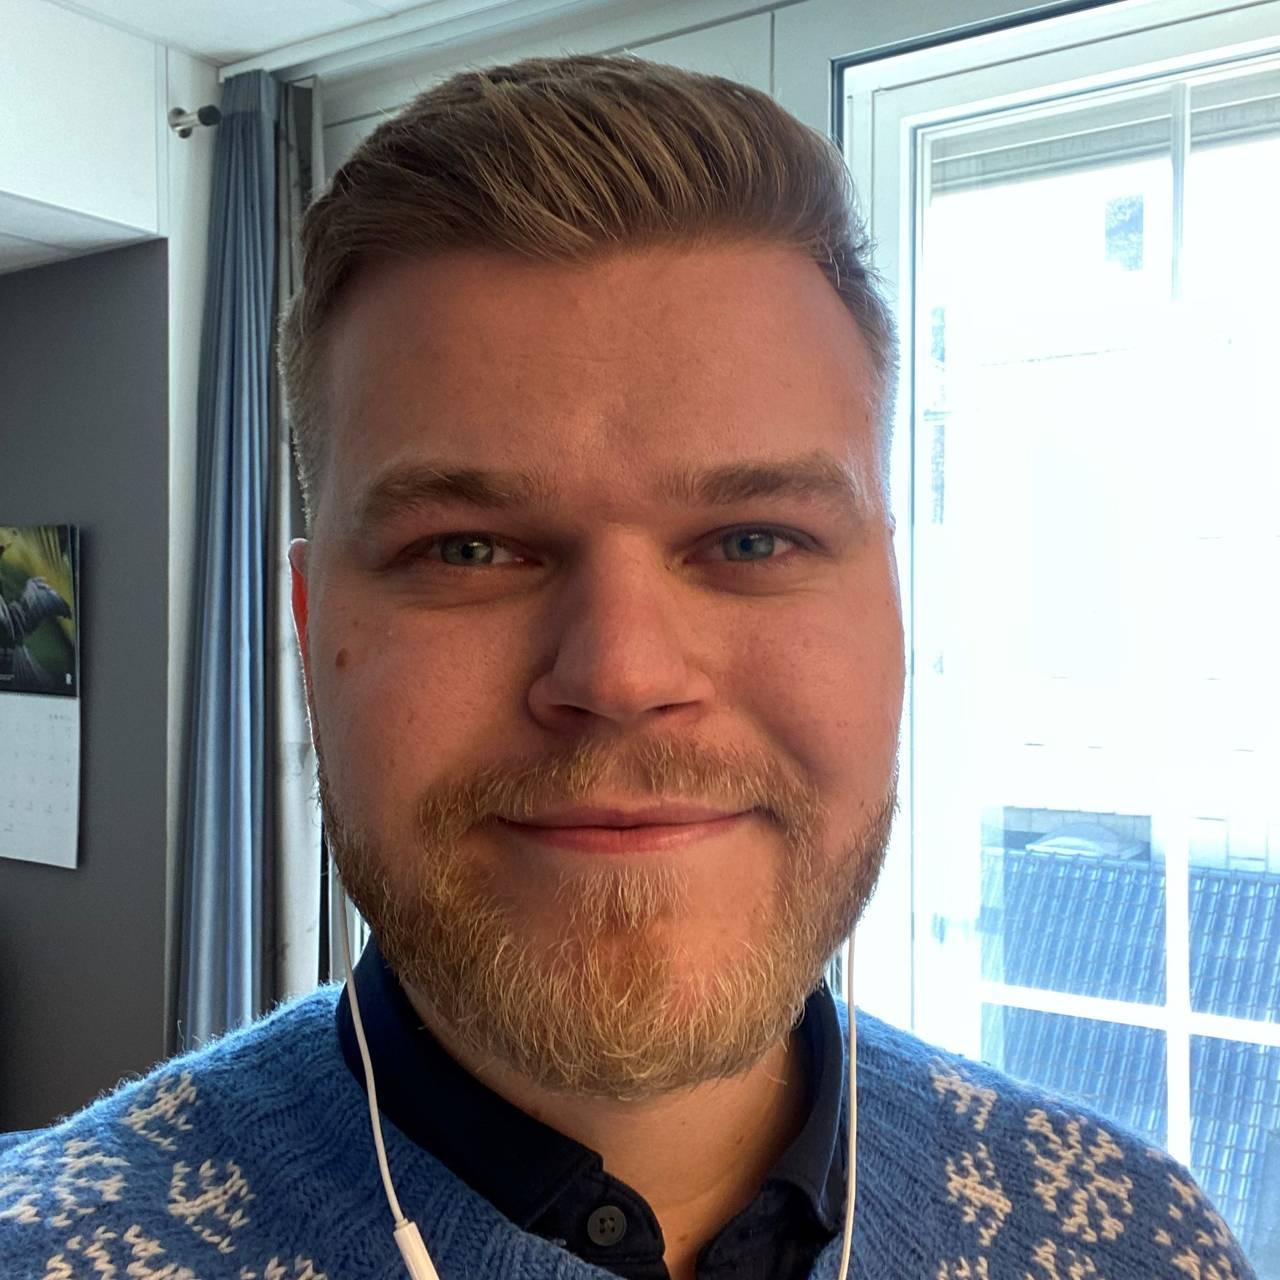 Bilde av Even Aronsen, statssekretær og stortingskandidat